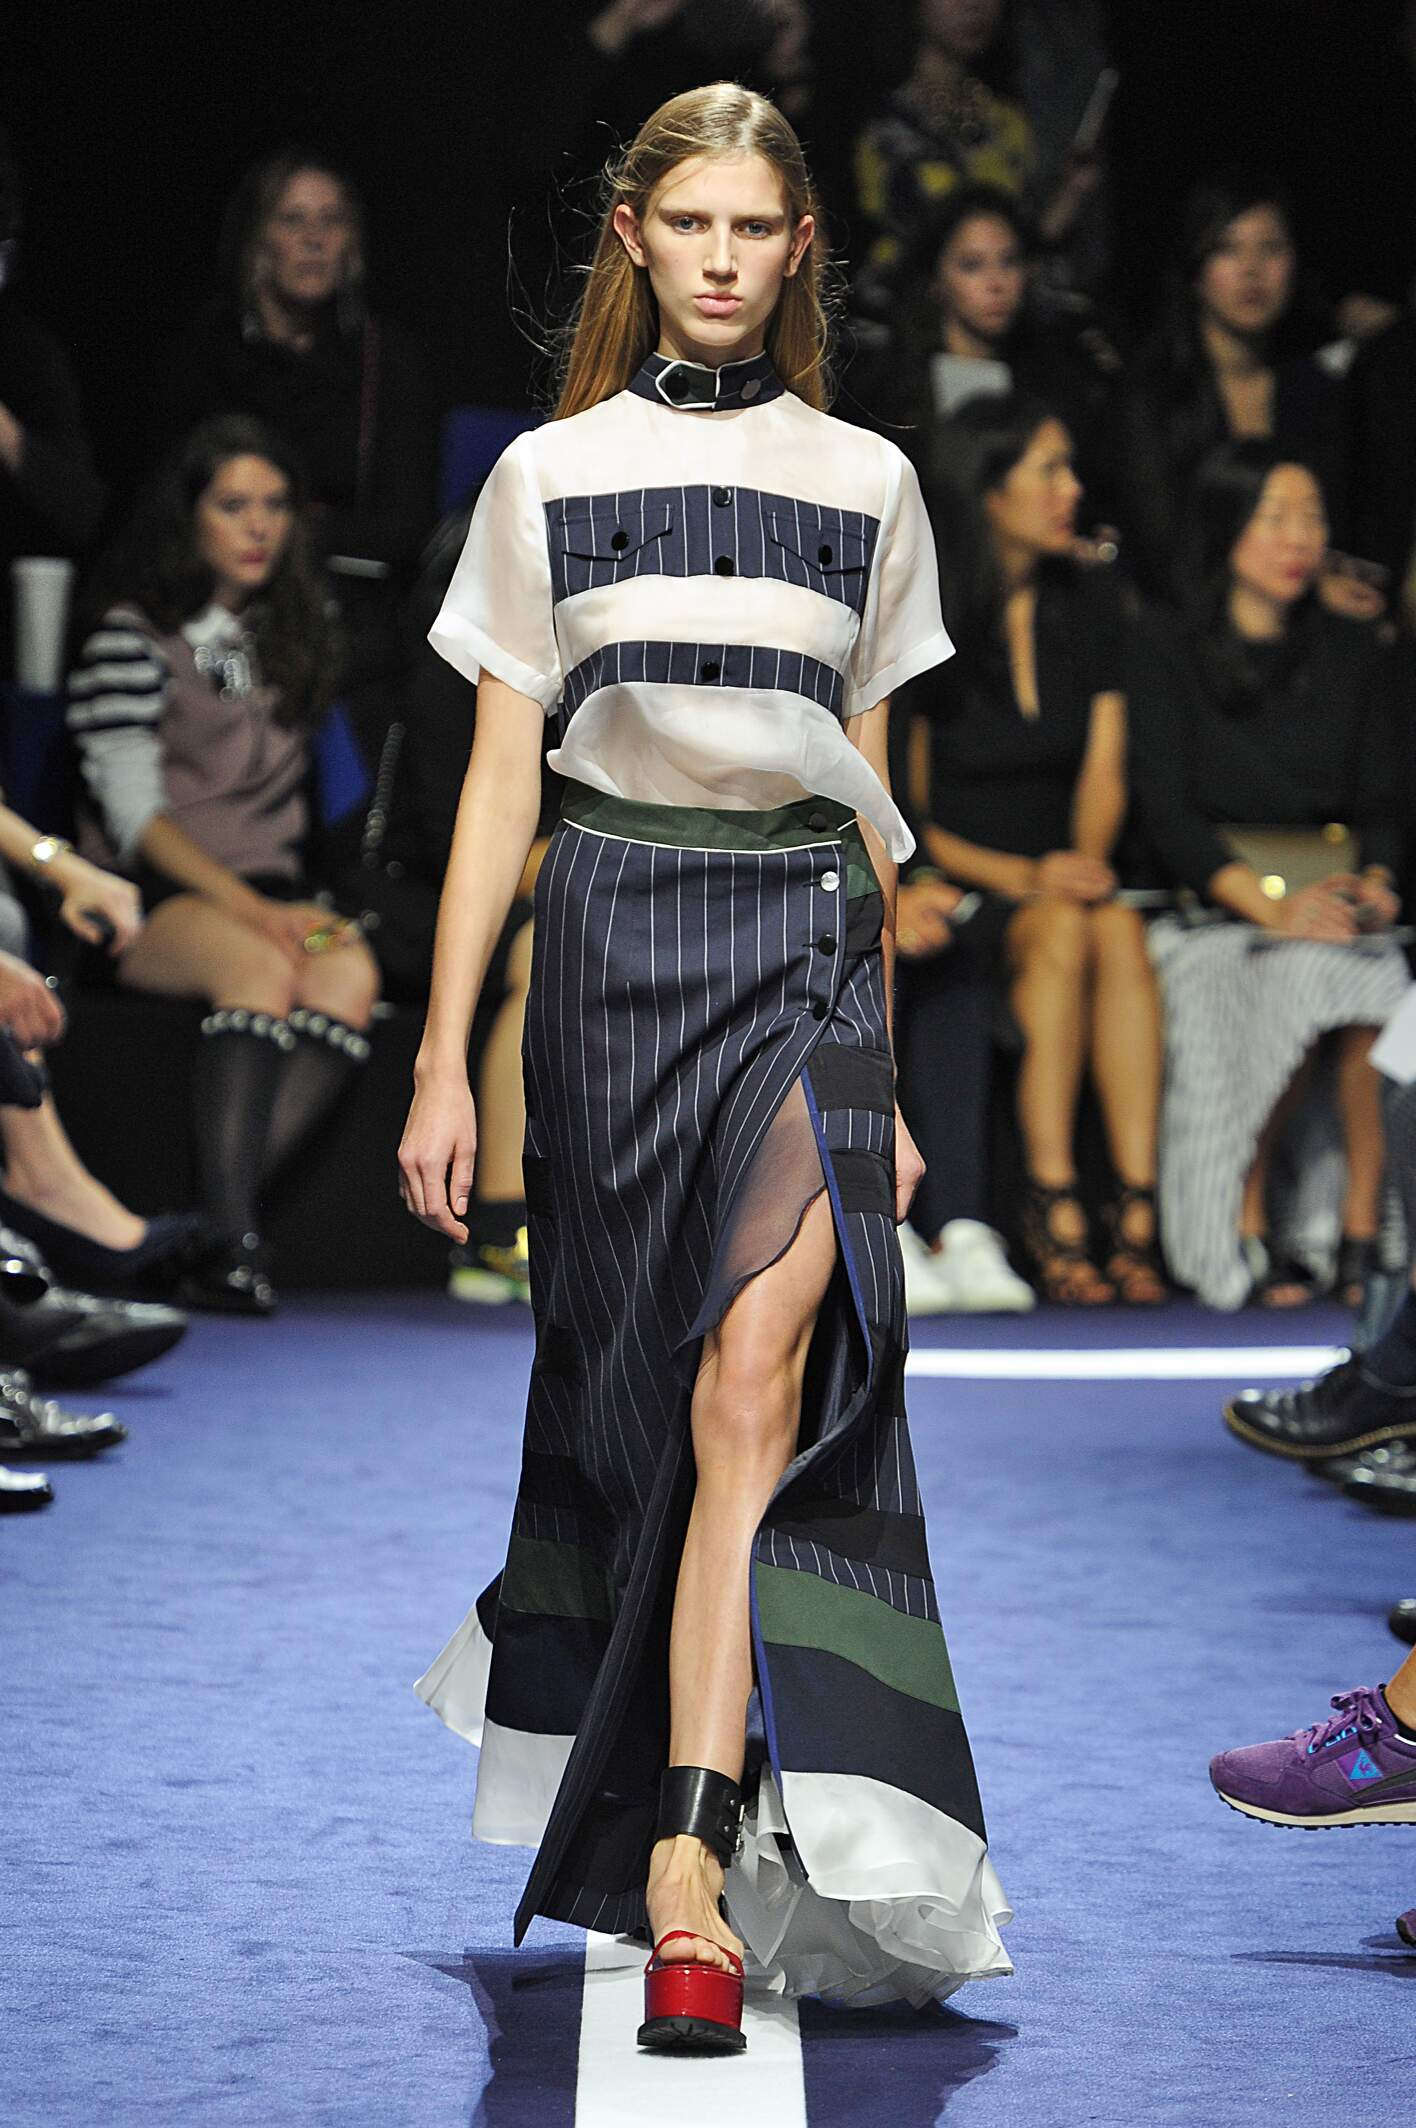 SS 2015 Sacai Fashion Show